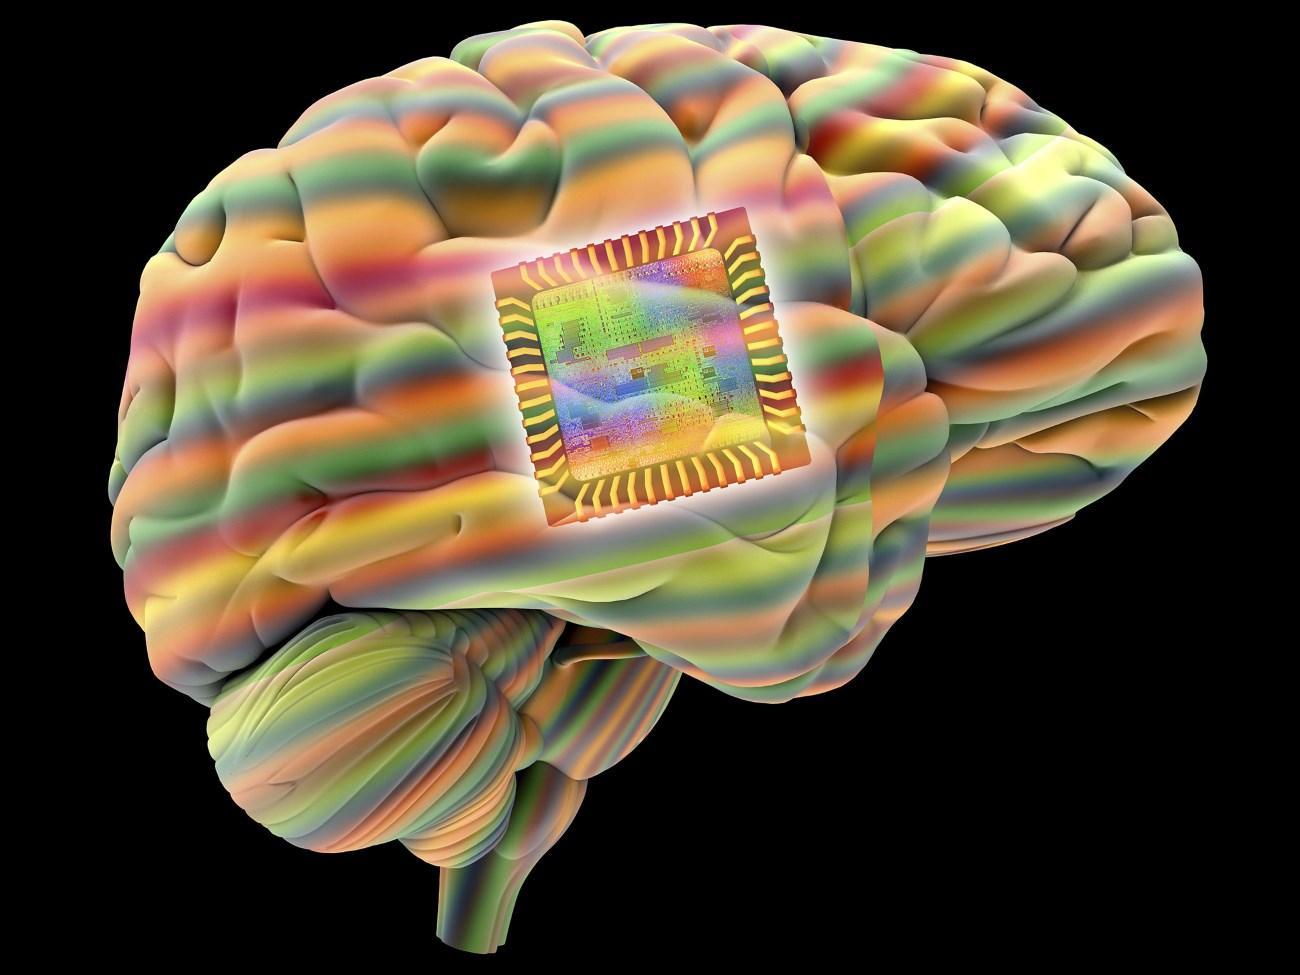 нейробиологи могут подарить нам вечное блаженство